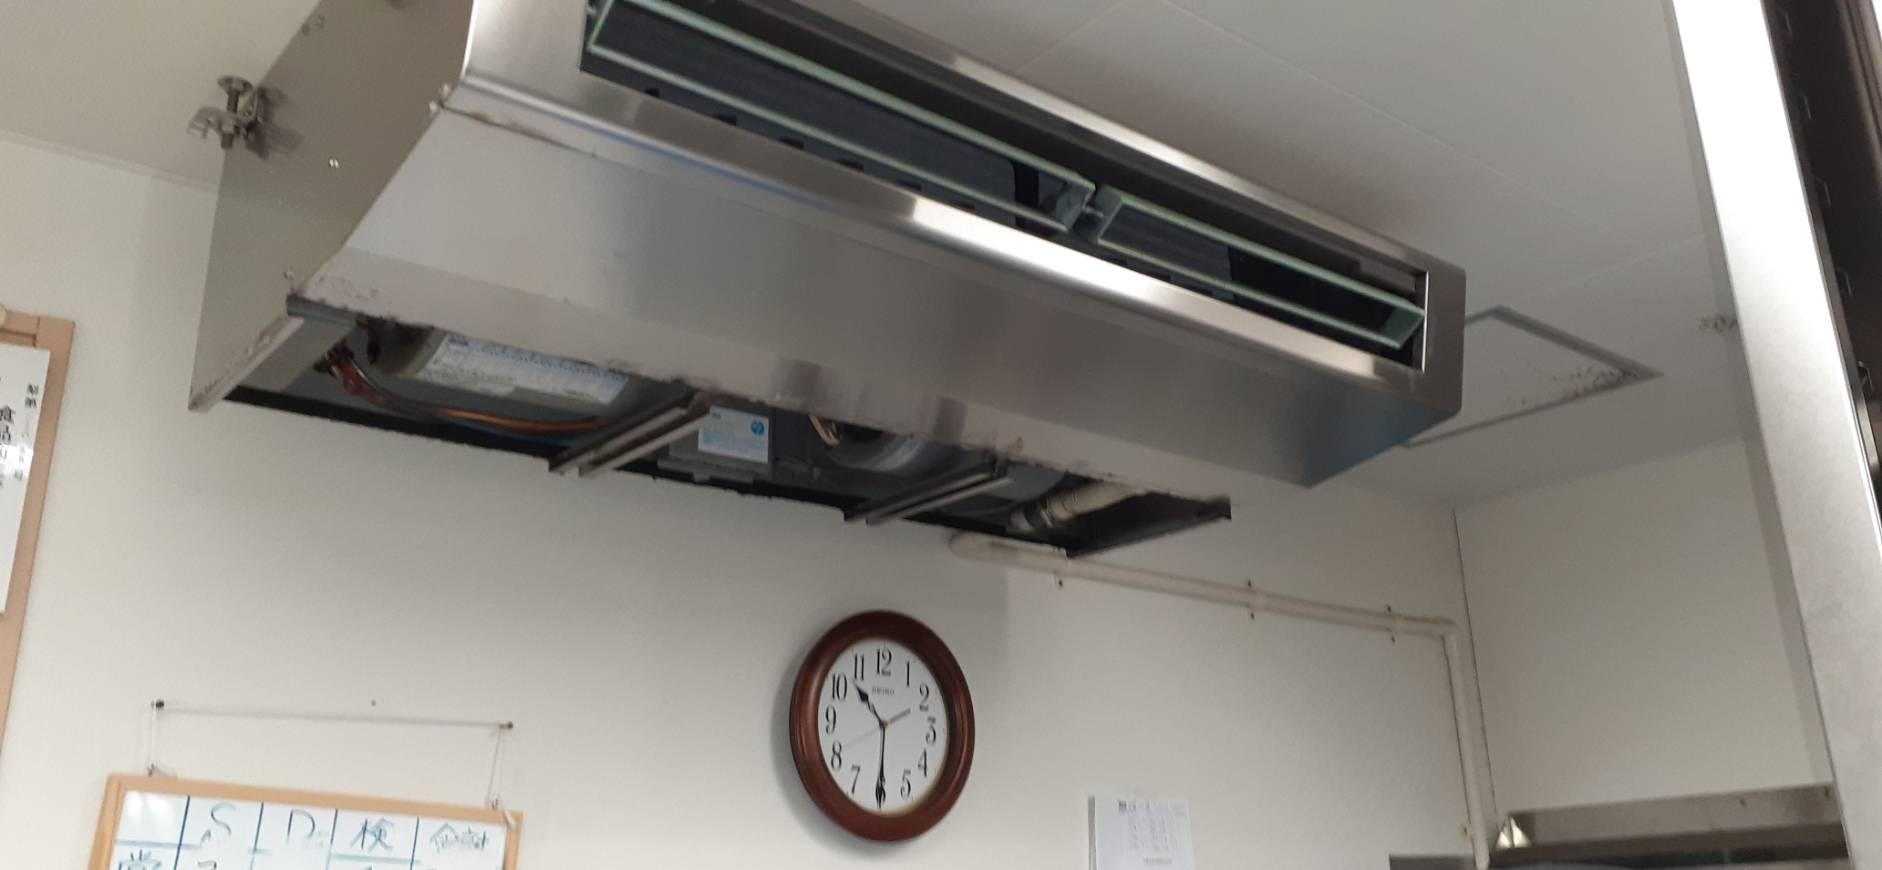 三菱電機PC-RP80HA6 ステンレス天吊りエアコンの分解洗浄及びドレーン管の清掃